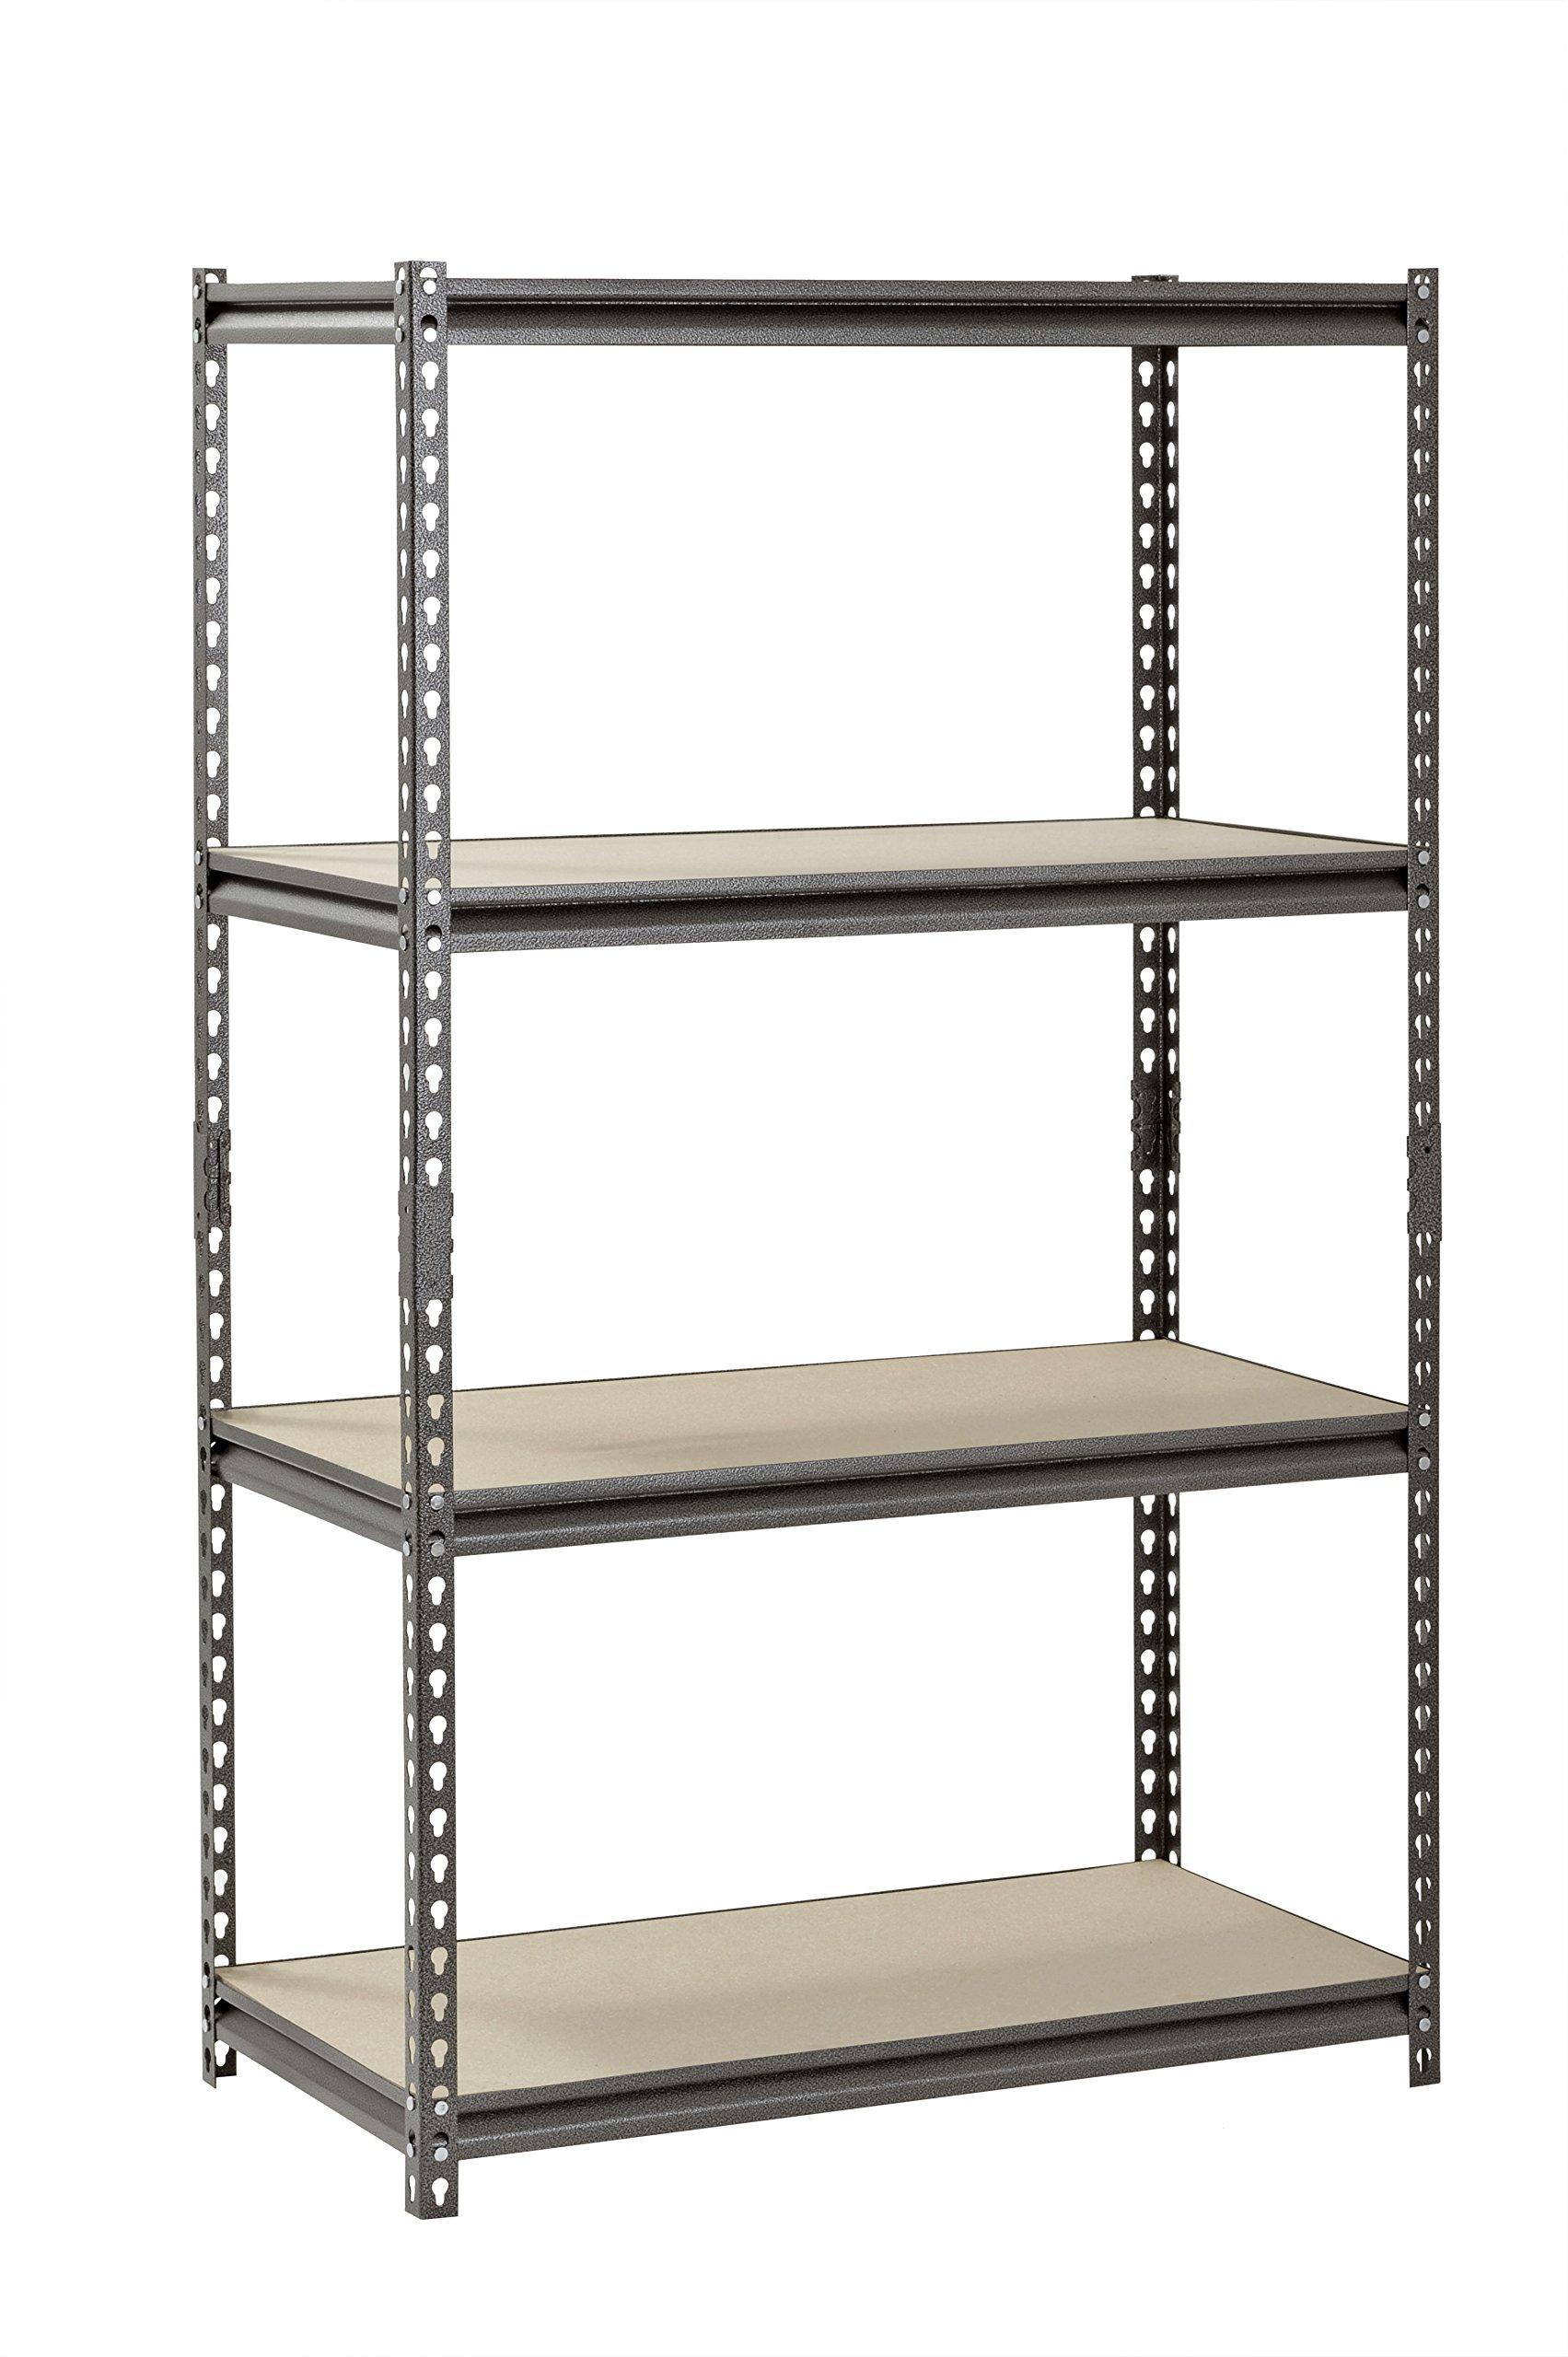 Muscle Rack UR361860PB4P-SV Silver Vein Steel Storage Rack, 4 Adjustable Shelves, 3200 lb. Capacity, 60'' Height x 36'' Width x 18'' Depth by Muscle Rack